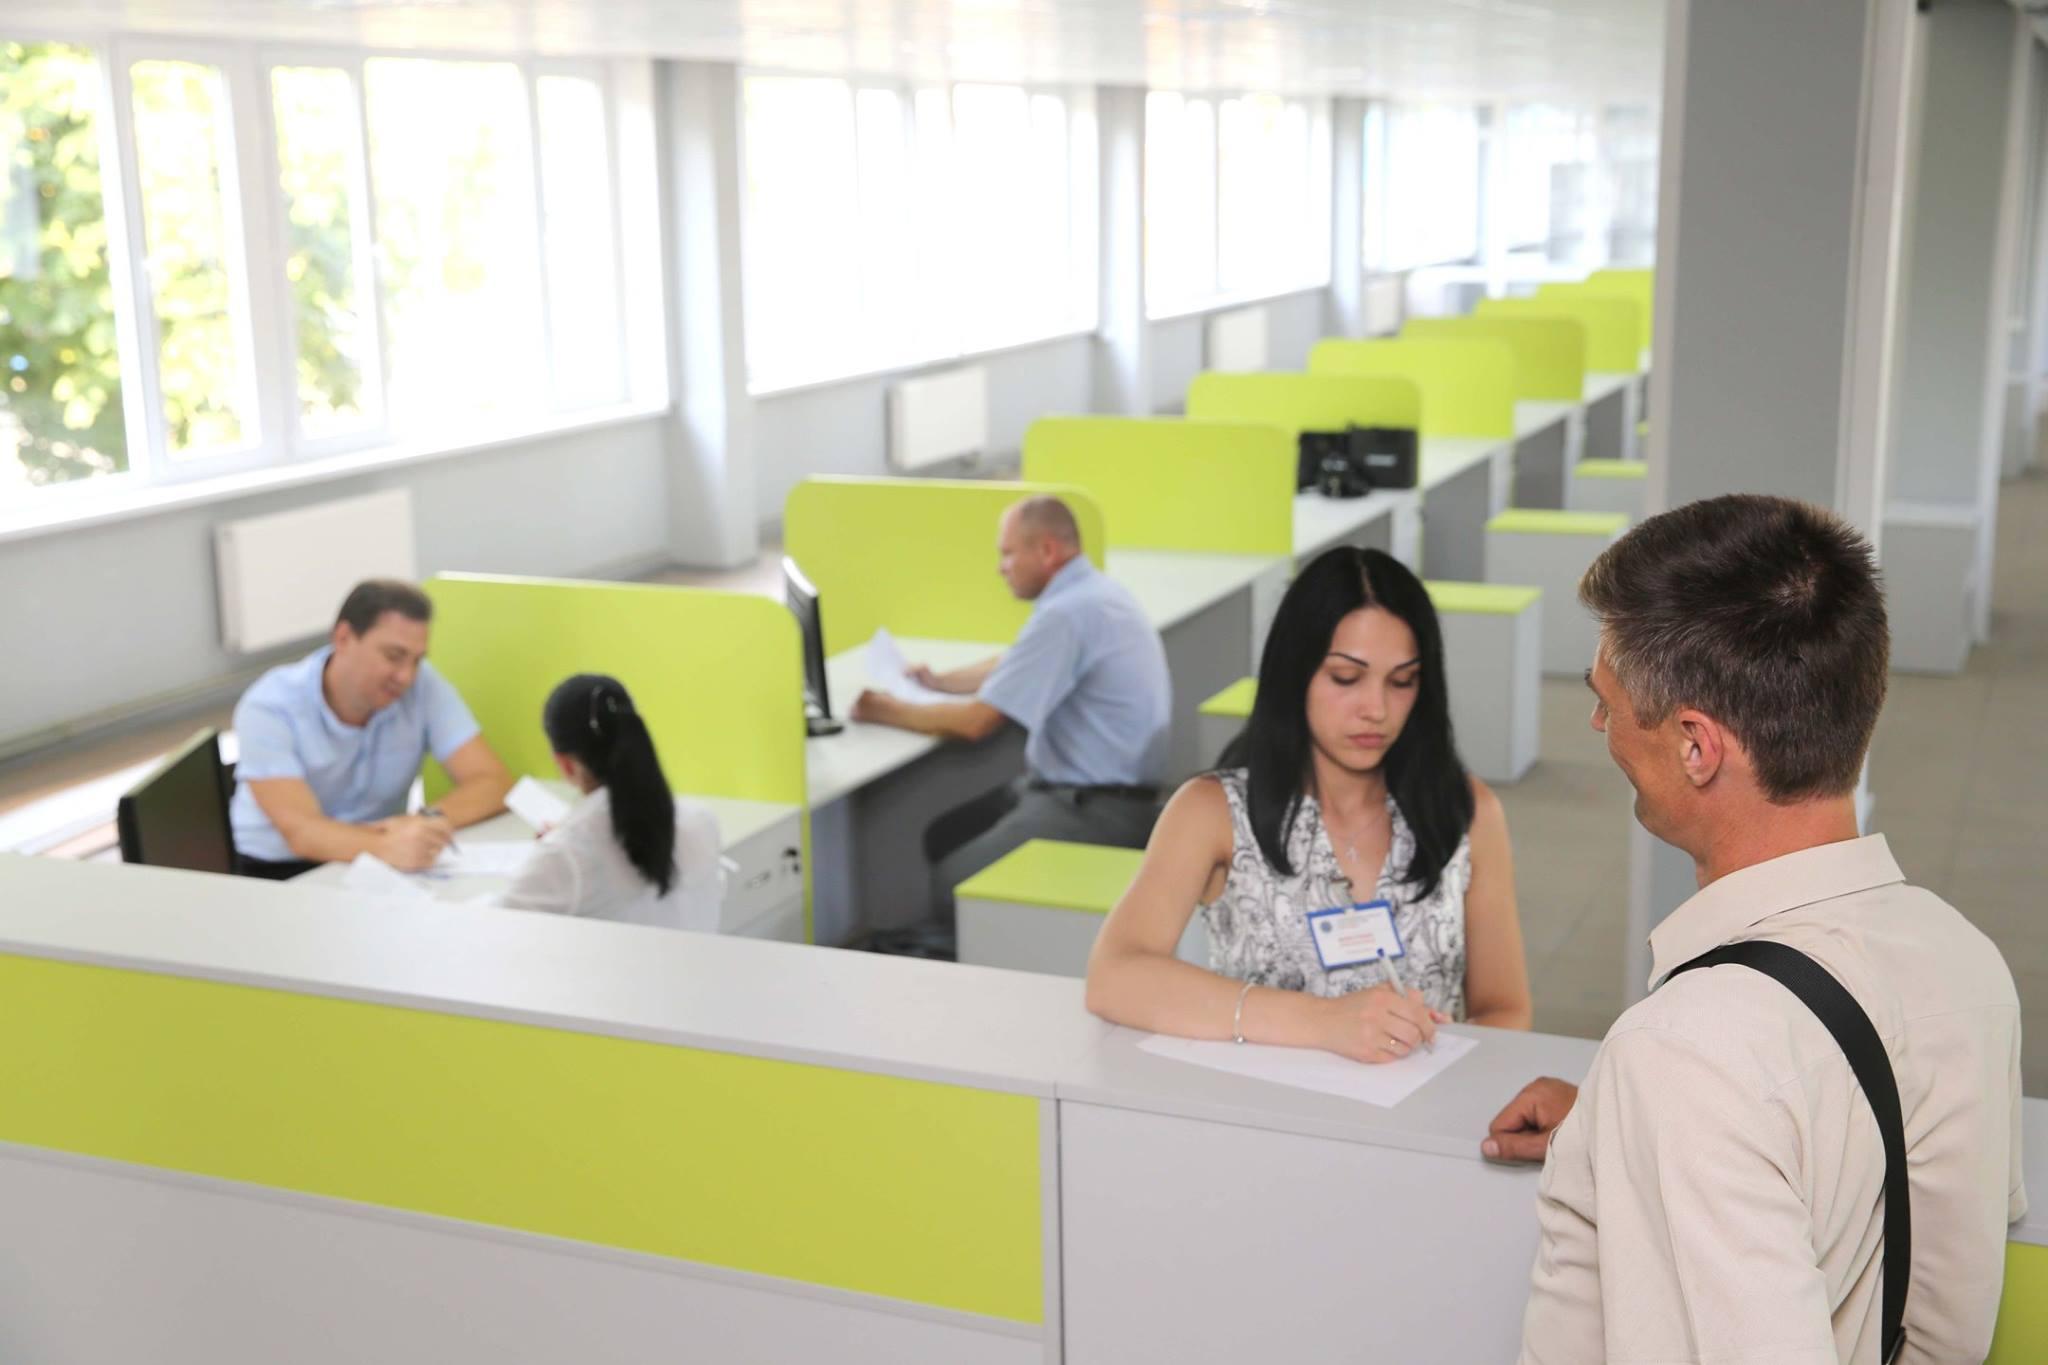 Первый сервисный центр МВД нового типа сделали без кабинетов (фото)